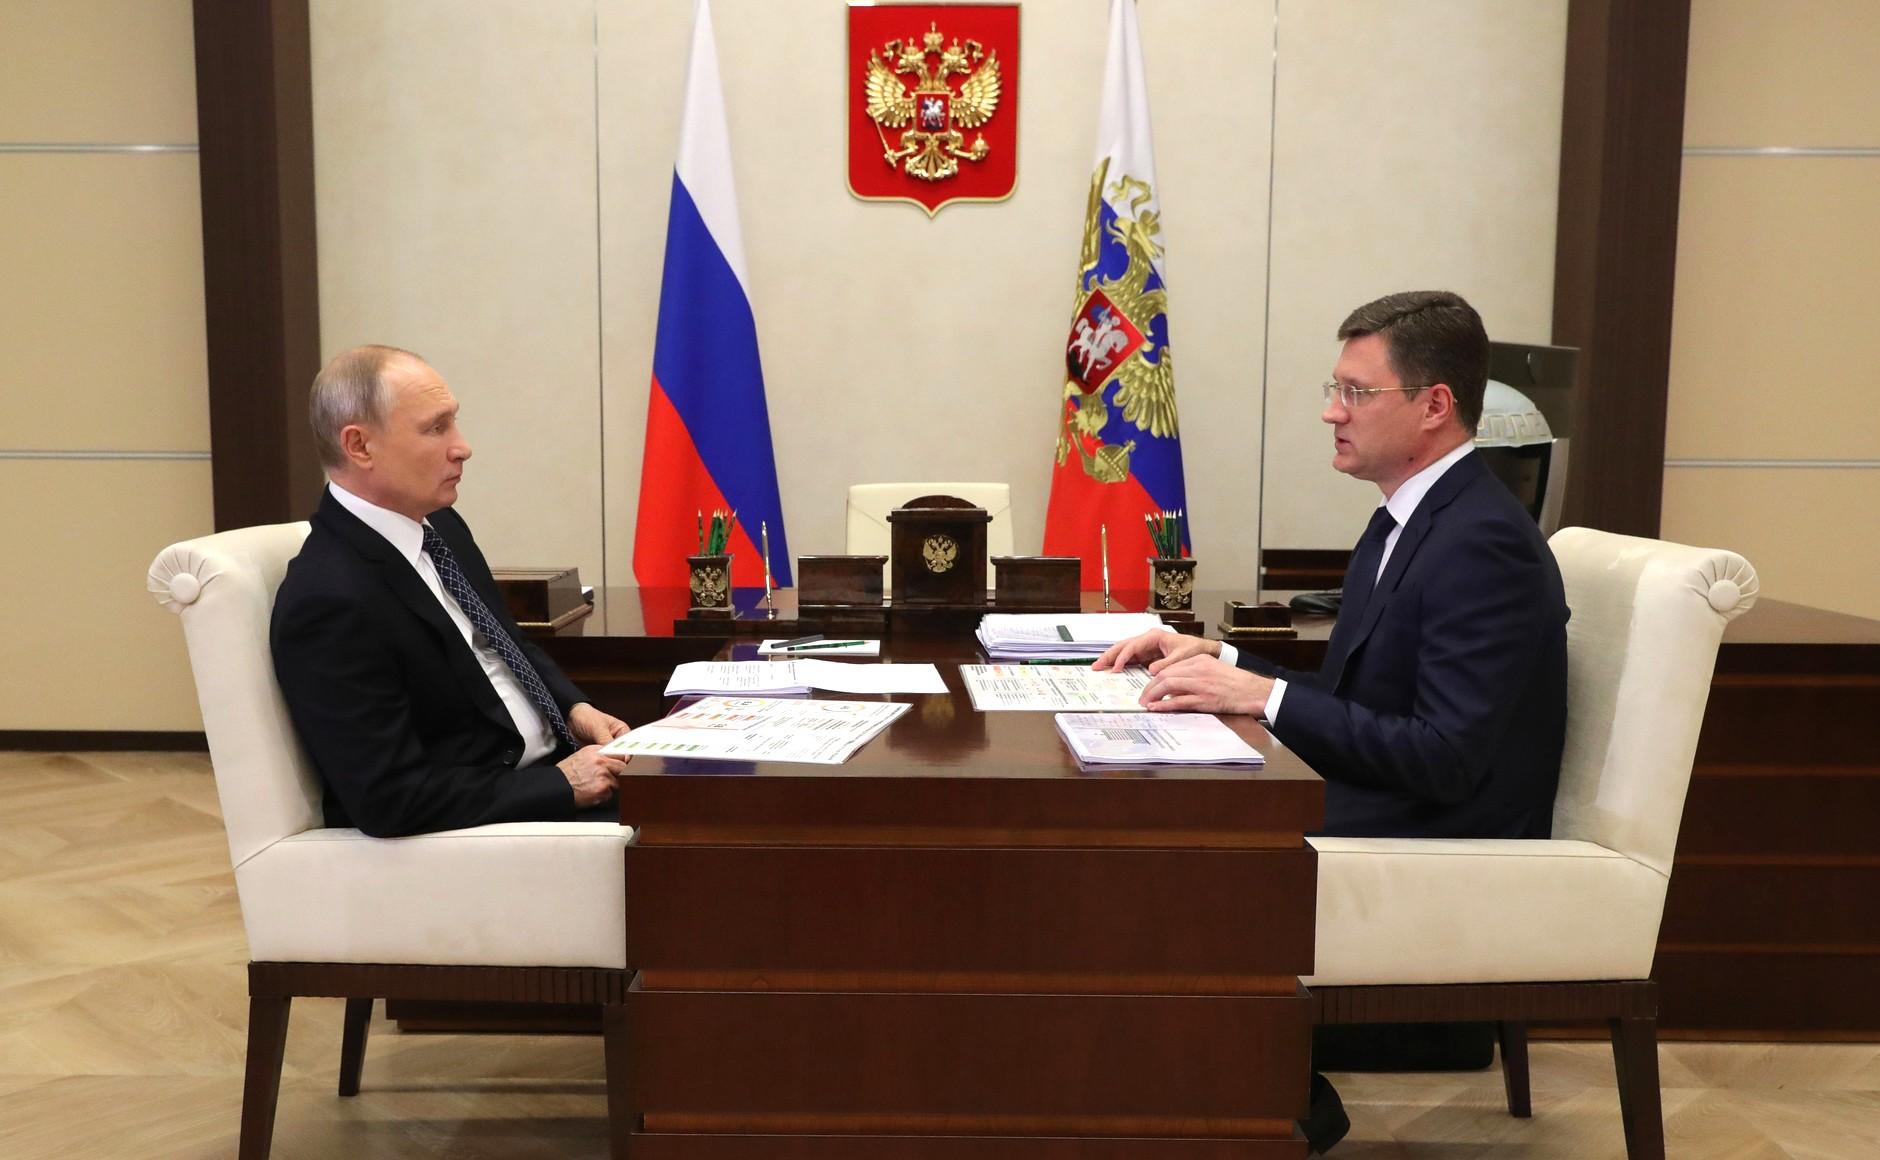 PH 3 SUR 4 Rencontre avec le vice-premier ministre Alexander Novak 22.12.2020 l'industrie de l'énergie.